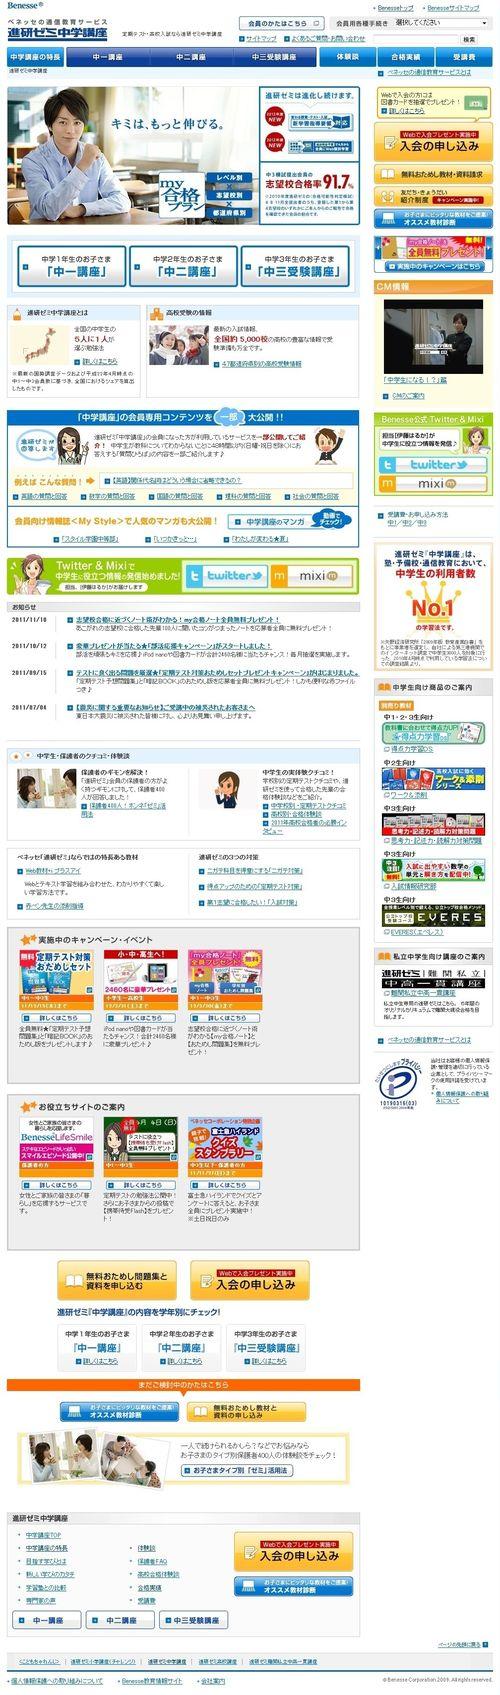 2011.11 PUB BENESSE 01